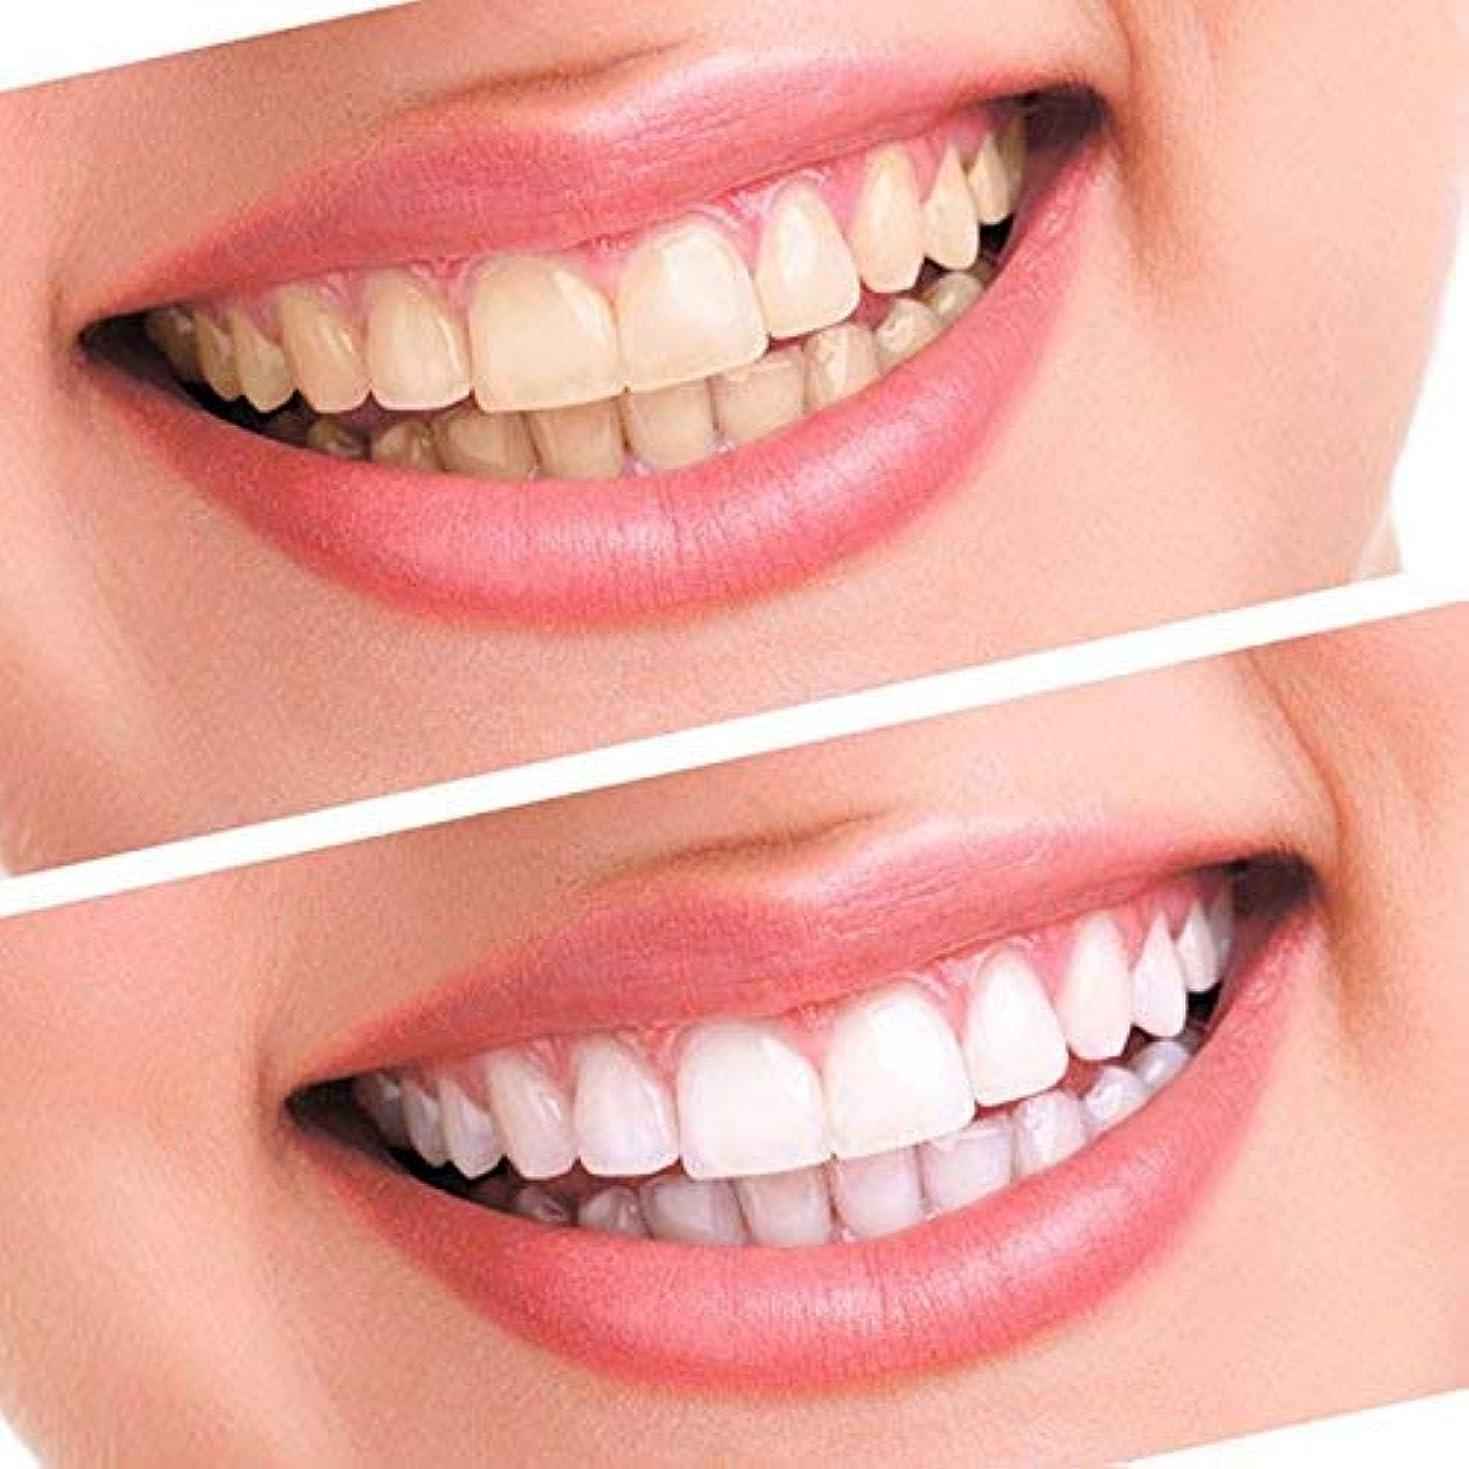 ゲルホワイトニング歯10シリンジ